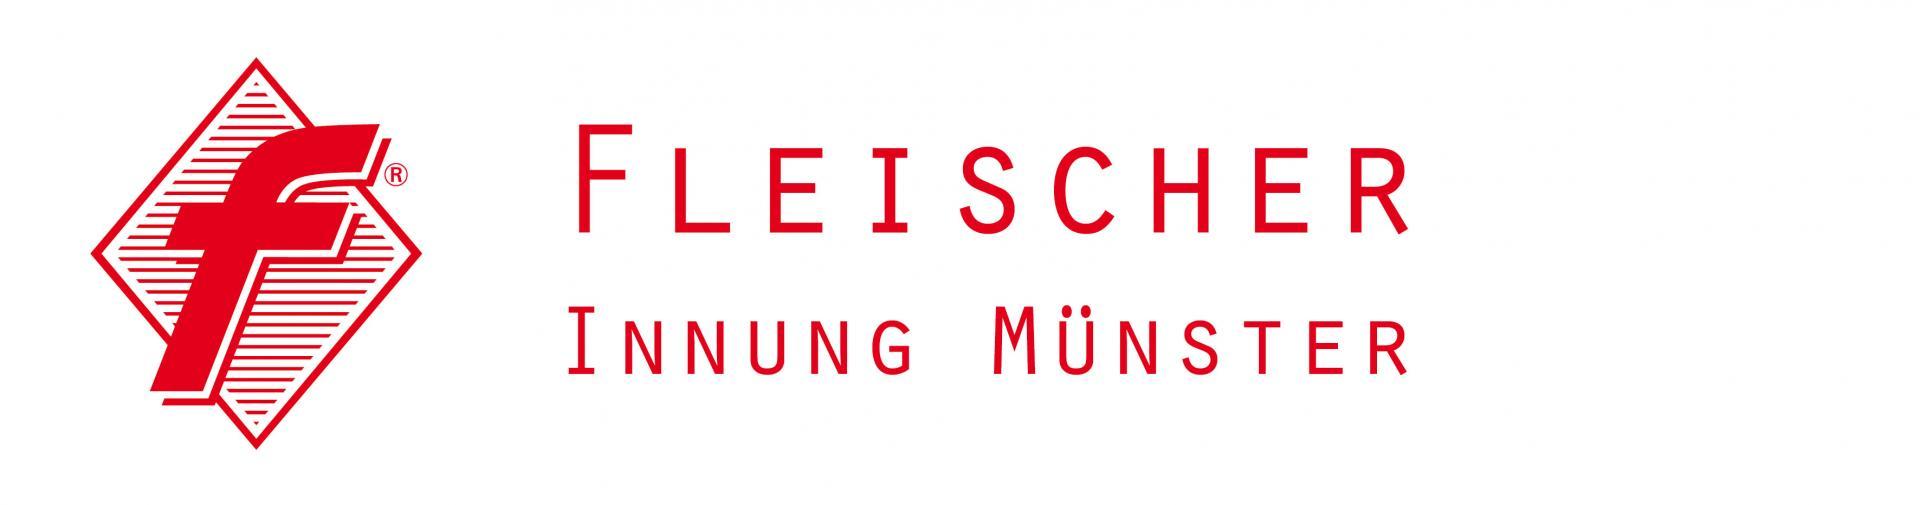 Fleischer‐Innung Münster